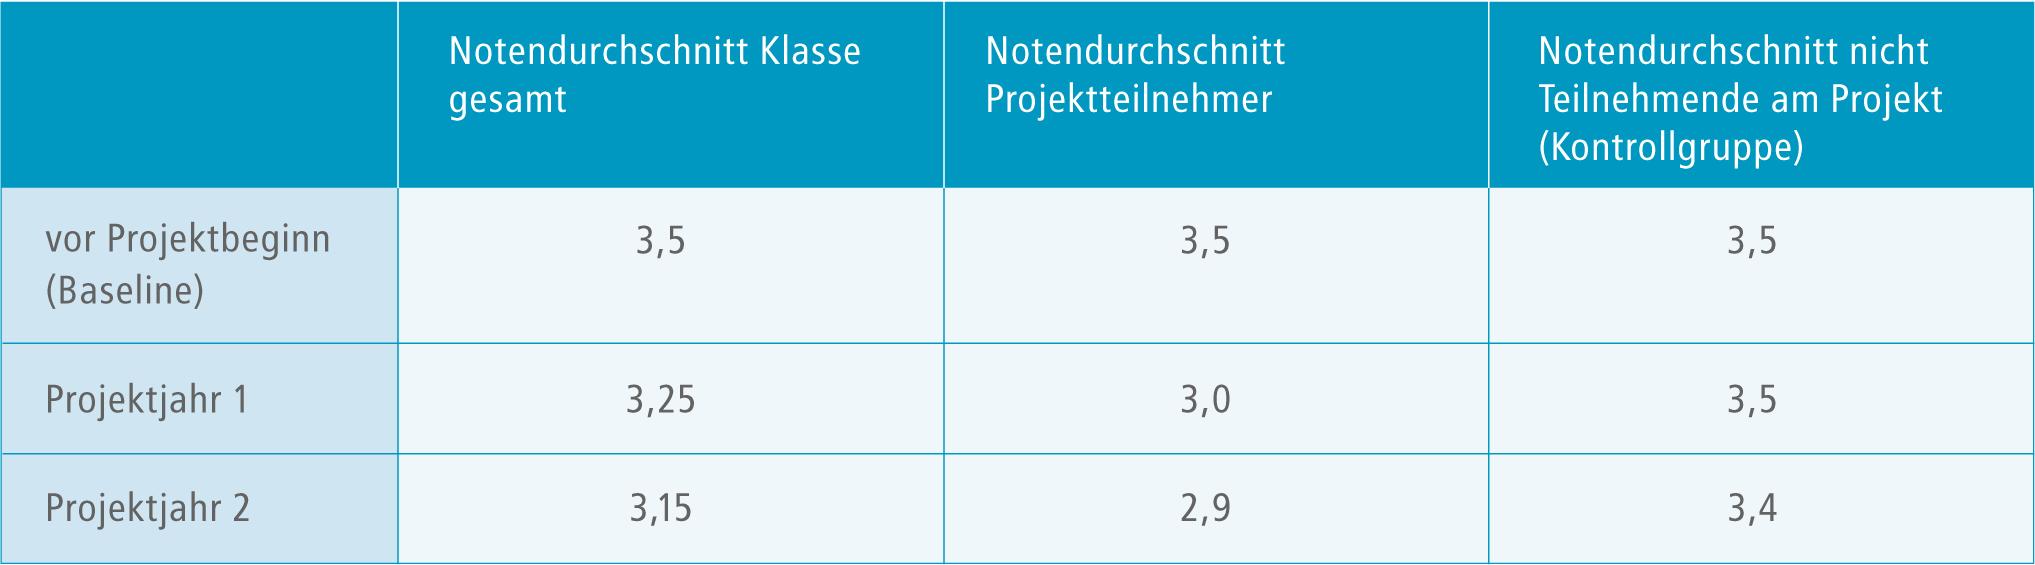 Tabelle zum Vorher-Nachher-Vergleich von Schulnoten